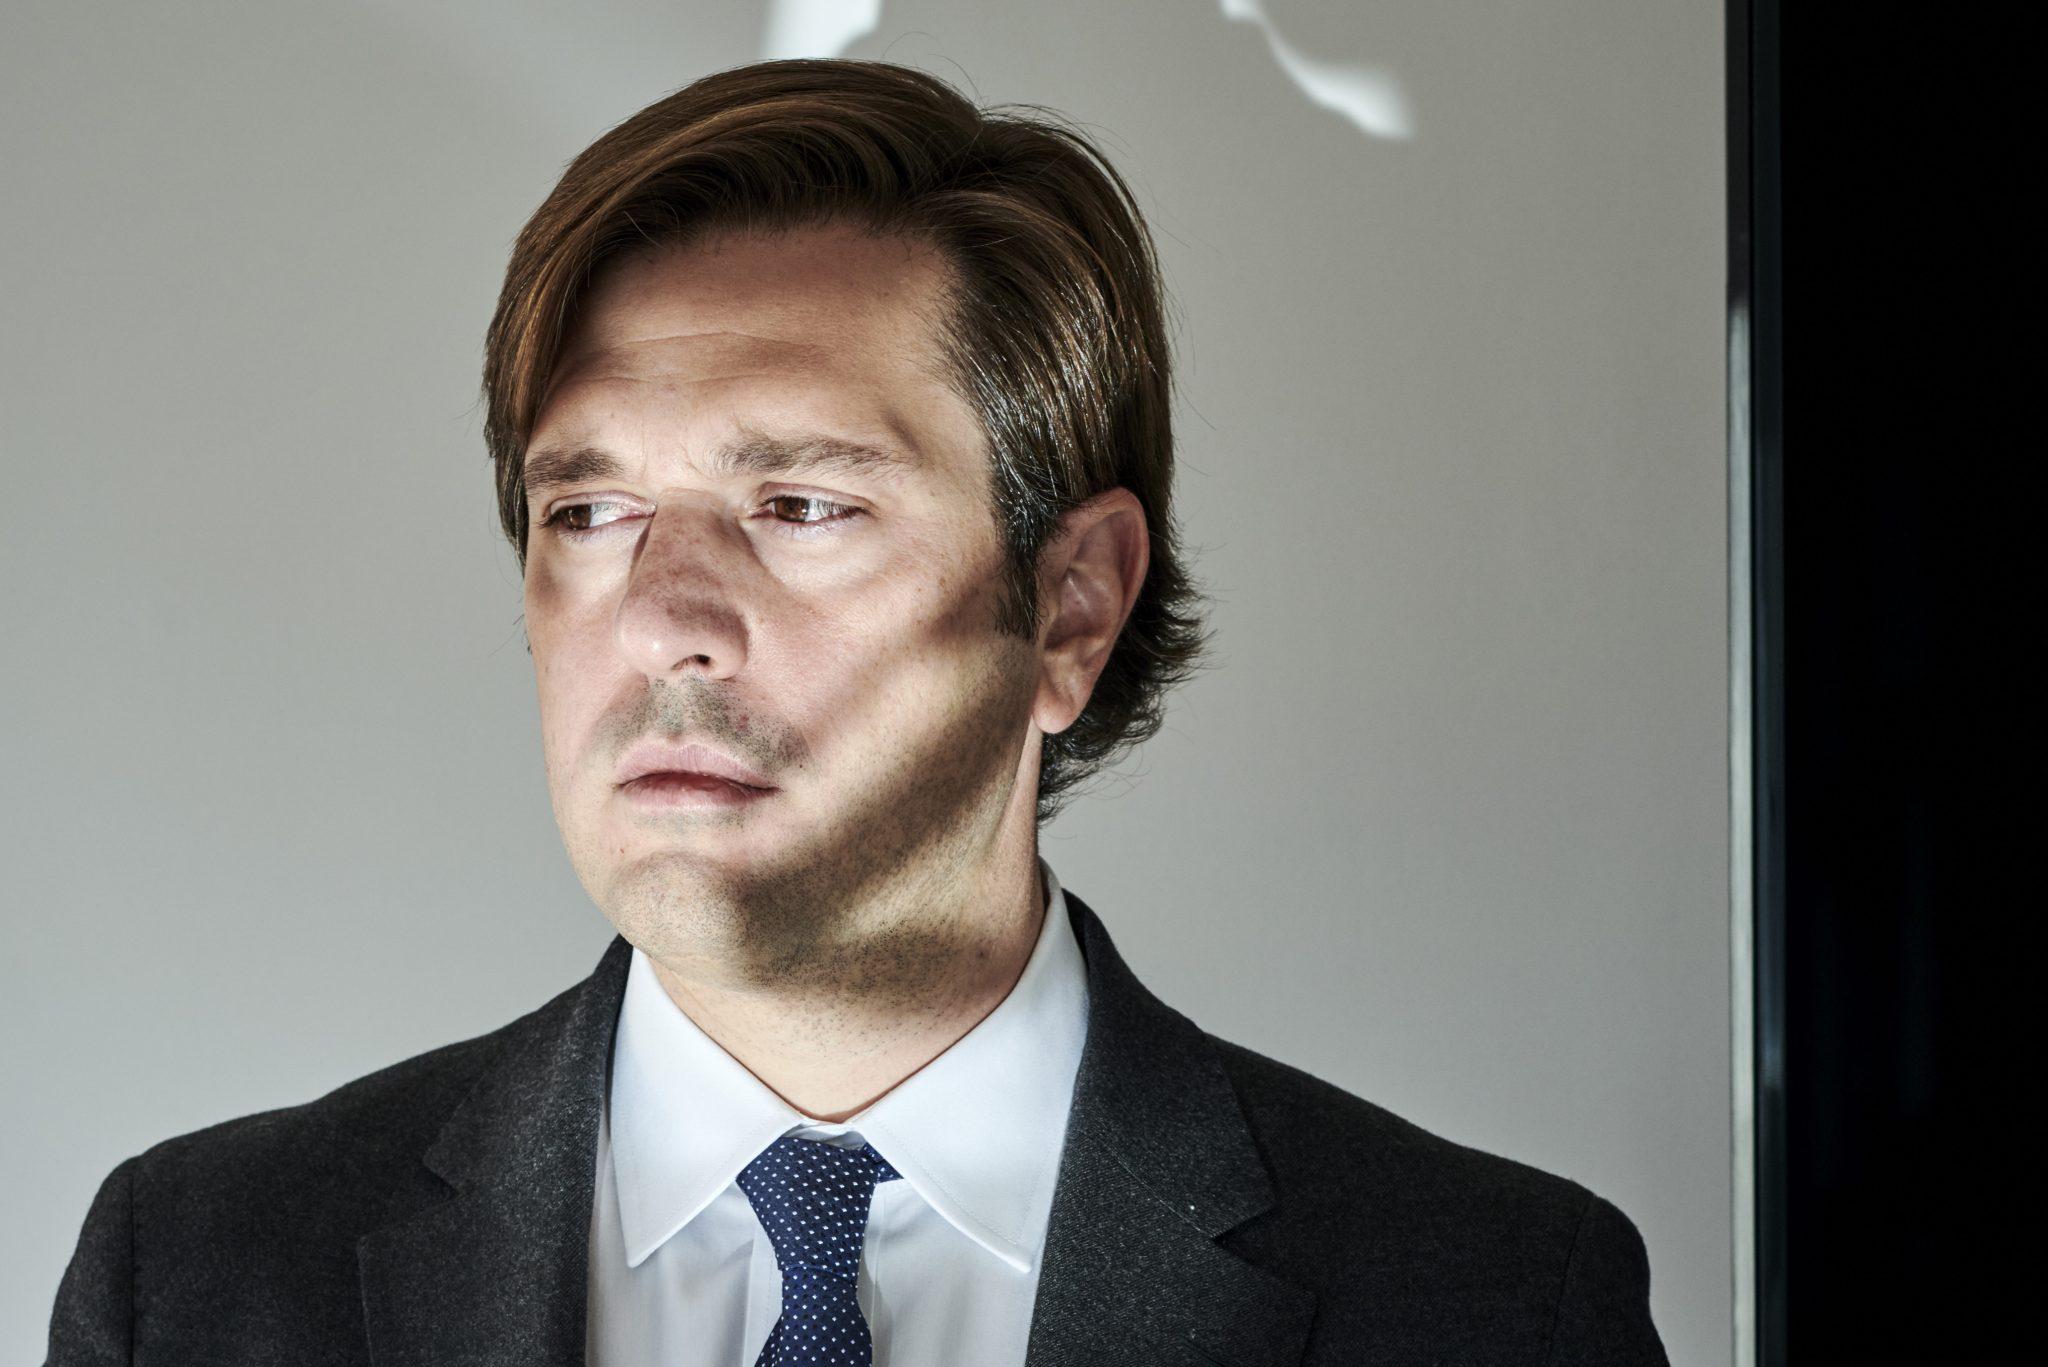 Julen Ariza, director de Dircomfidencial y CEO de Hadoq. Foto: Antón Goiri